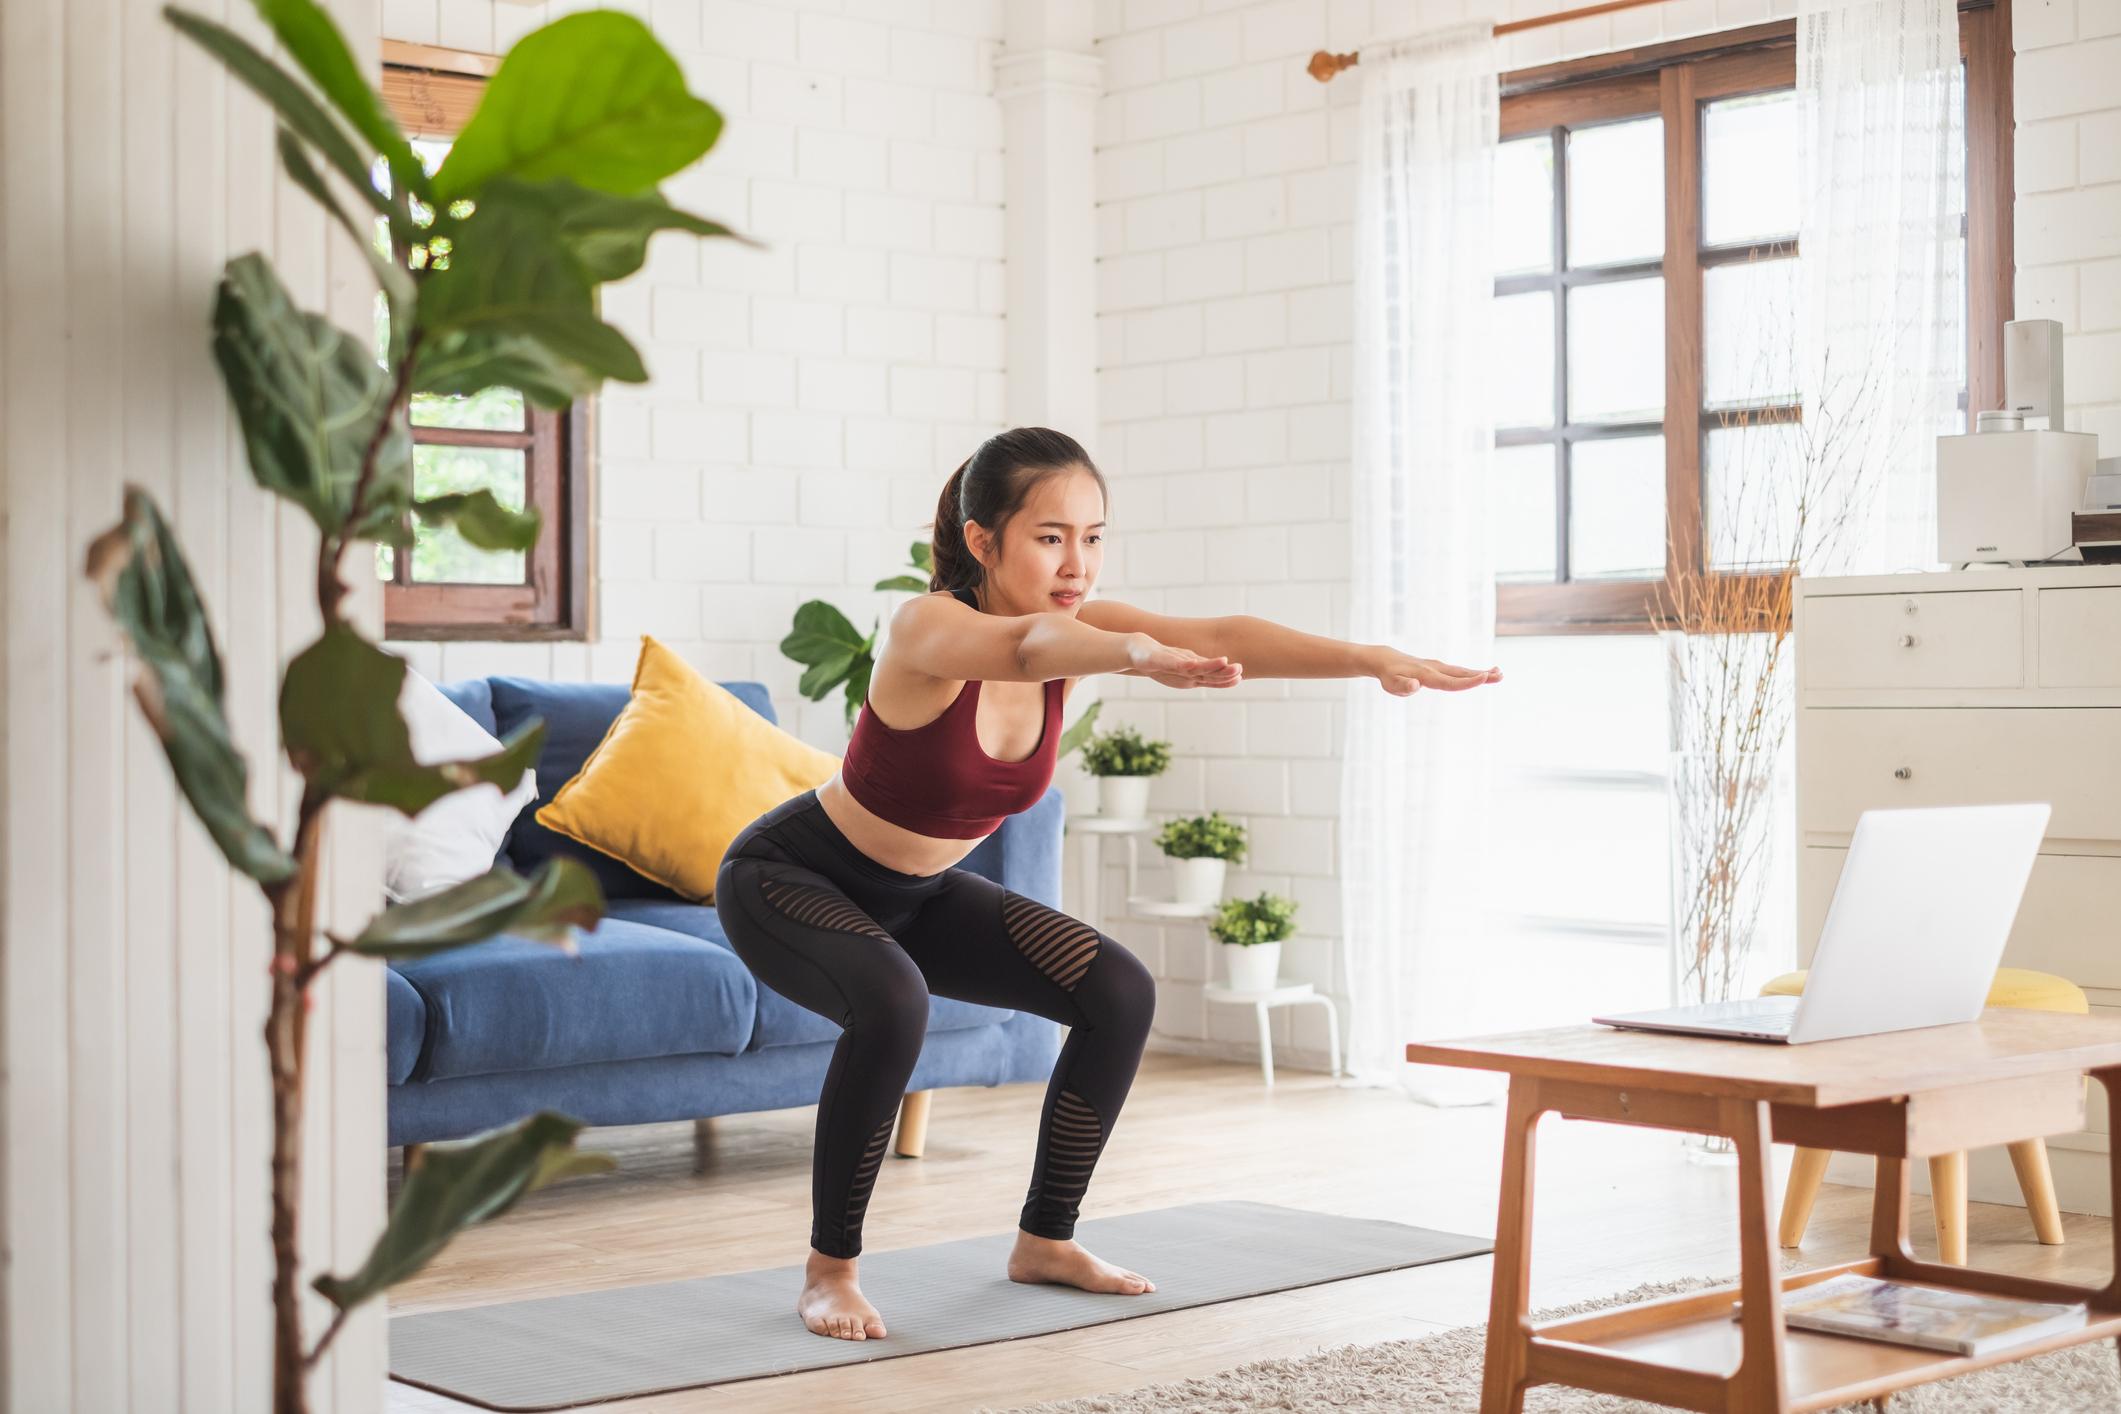 10 thói quen buổi sáng giúp giảm cân dễ dàng hơn - Hình 4